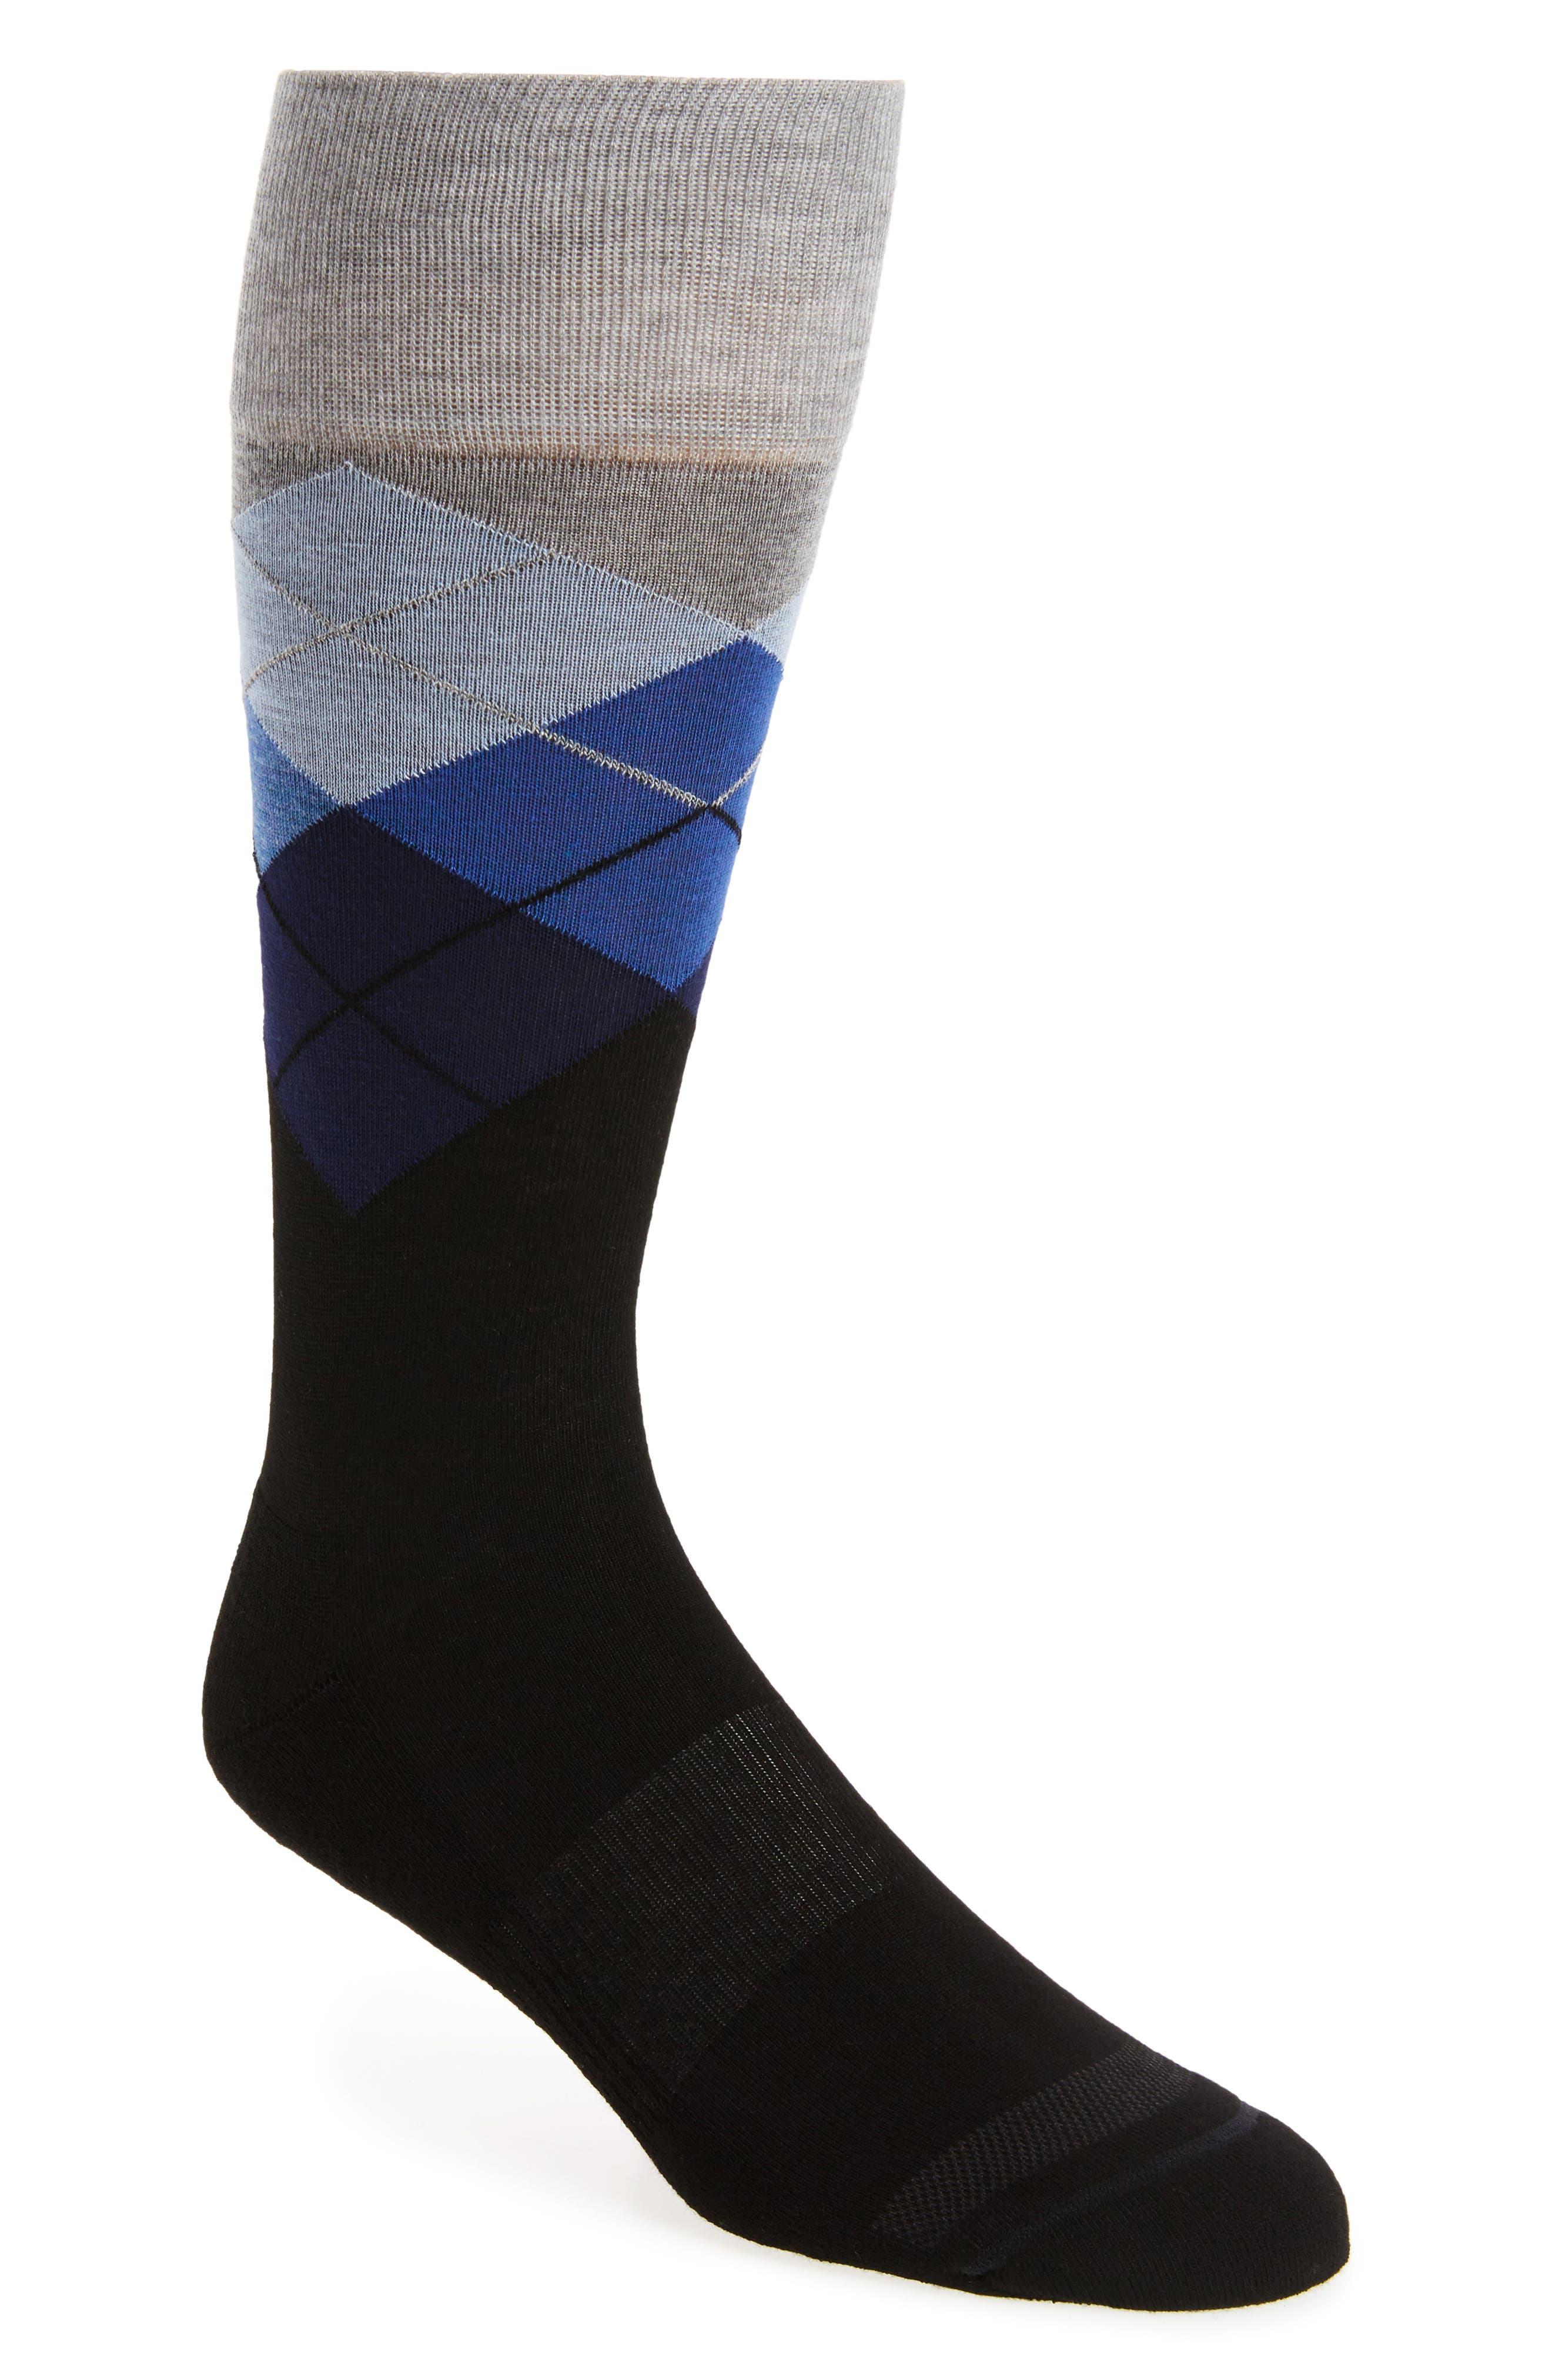 Alternate Image 1 Selected - Nordstrom Men's Shop Argyle Socks